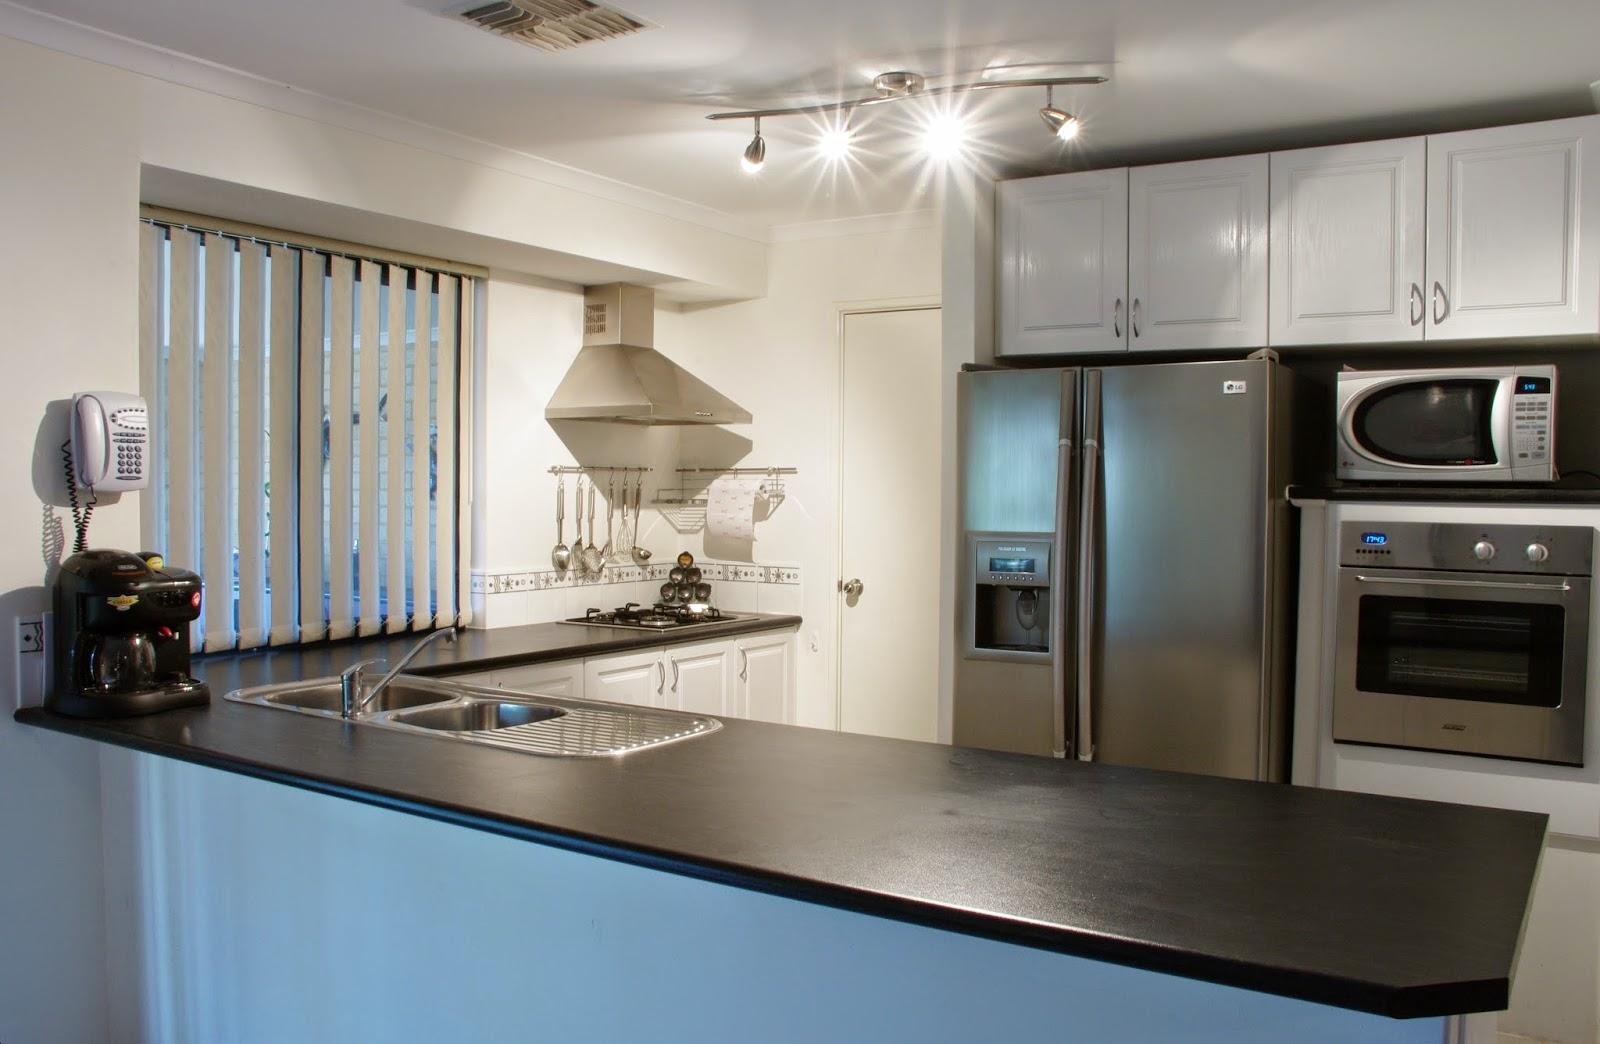 Cozinha Americana planejada! Blog Casa Decorada Ideias para  #446A87 1600 1044